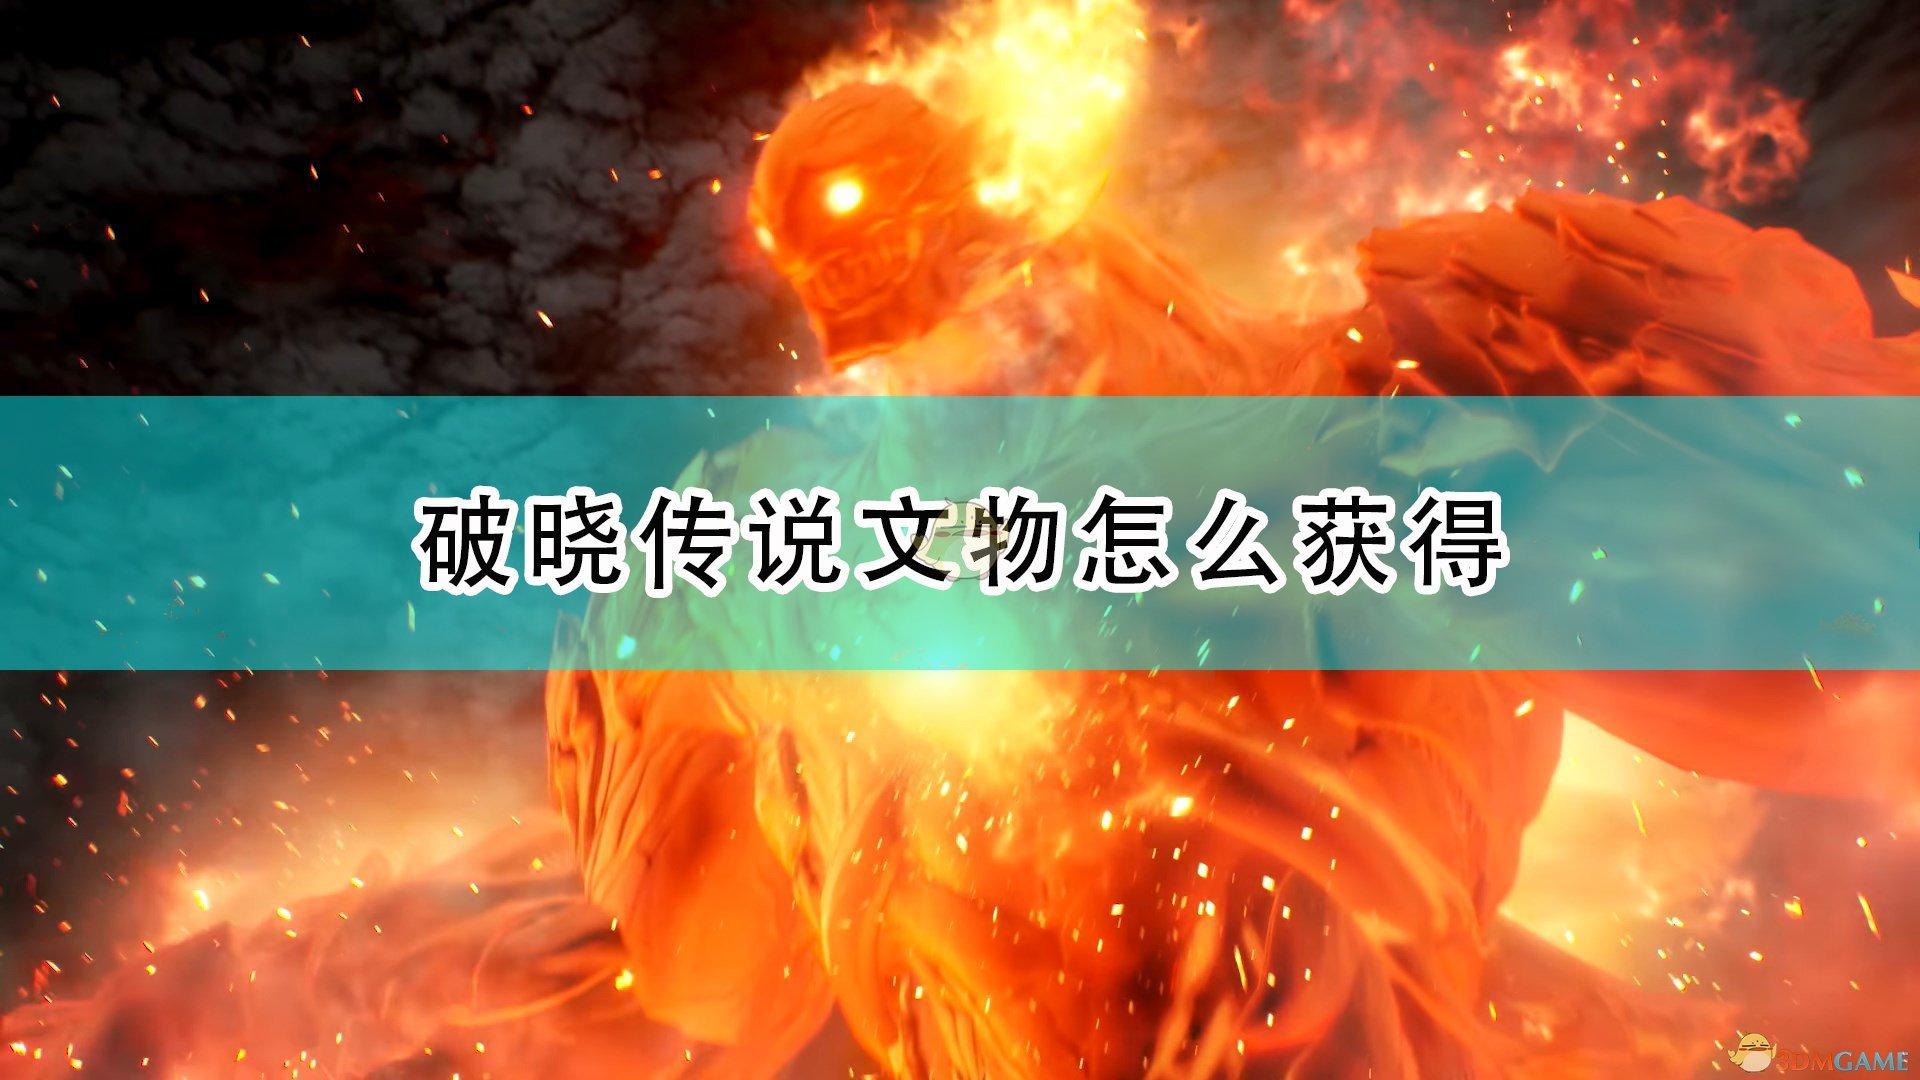 《破晓传说》全文物获得方法及效果介绍